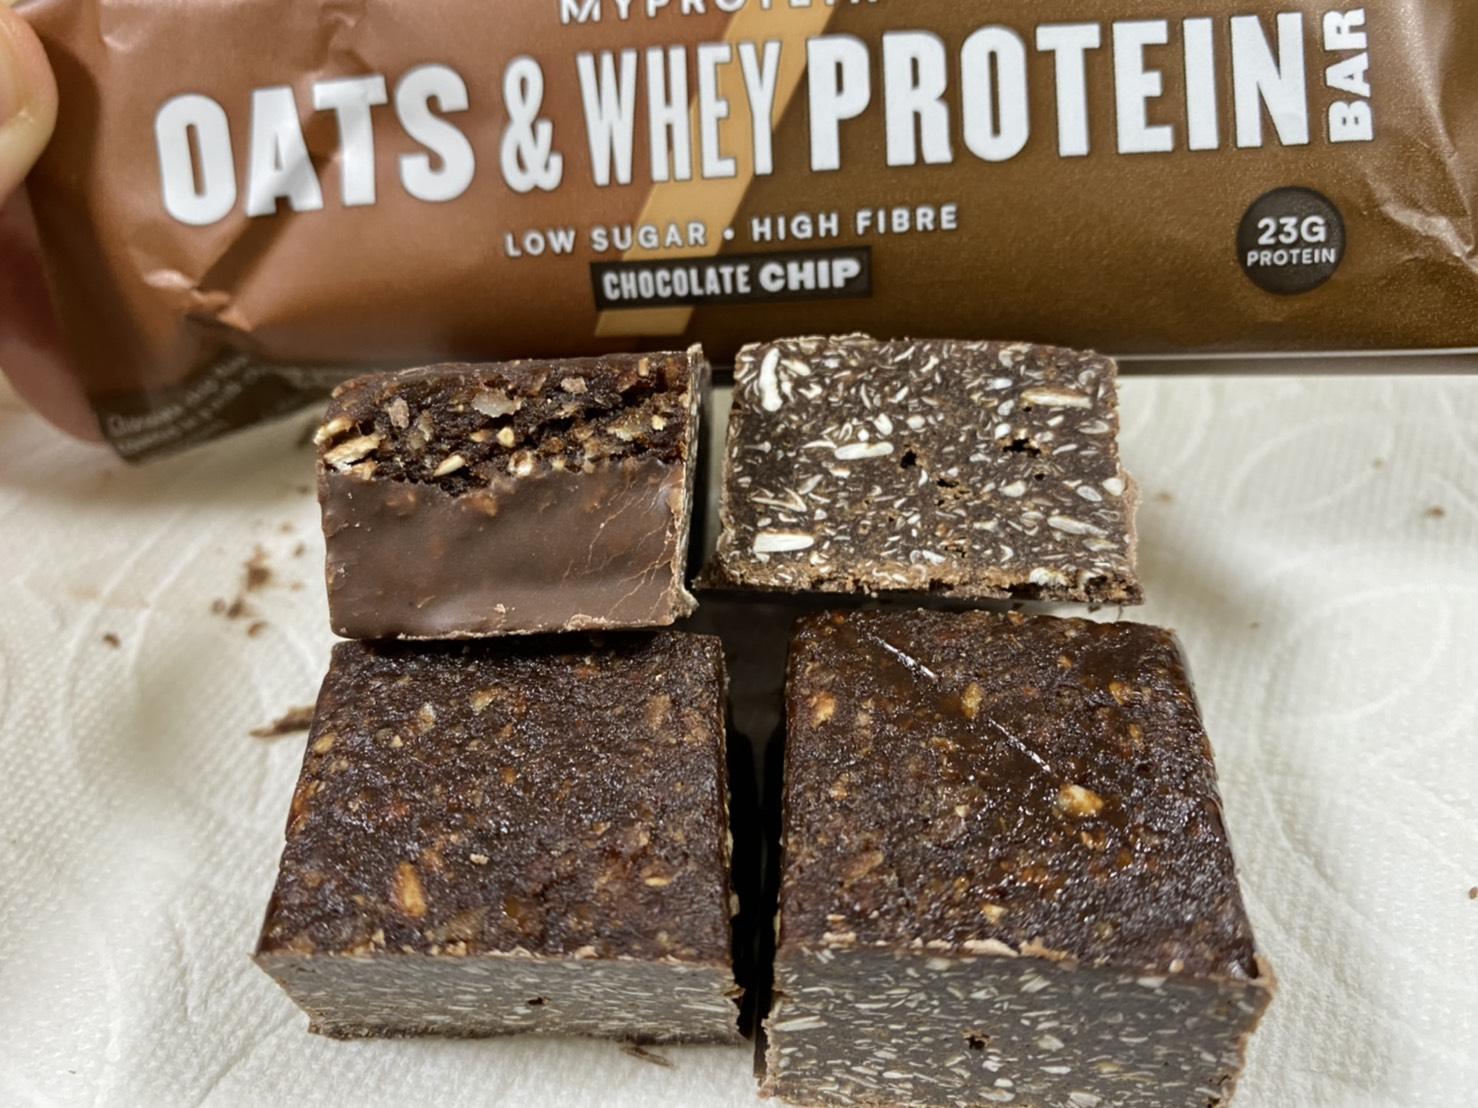 オーツ&ホエイプロテインバー:チョコチップ味の断面の様子